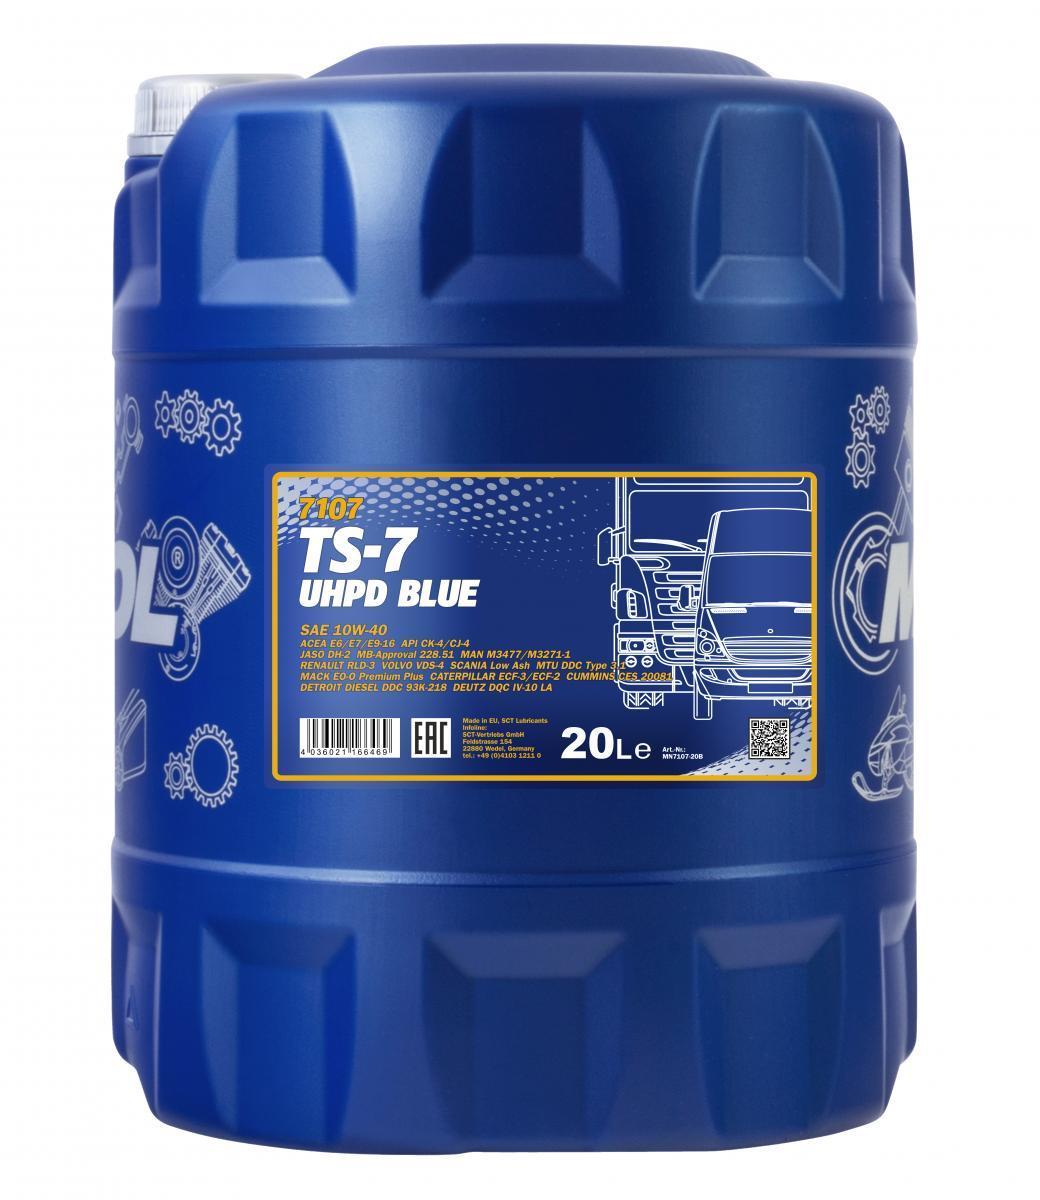 MN7107-20 MANNOL TS-7, UHPD Blue 10W-40, 20l Motoröl MN7107-20 günstig kaufen